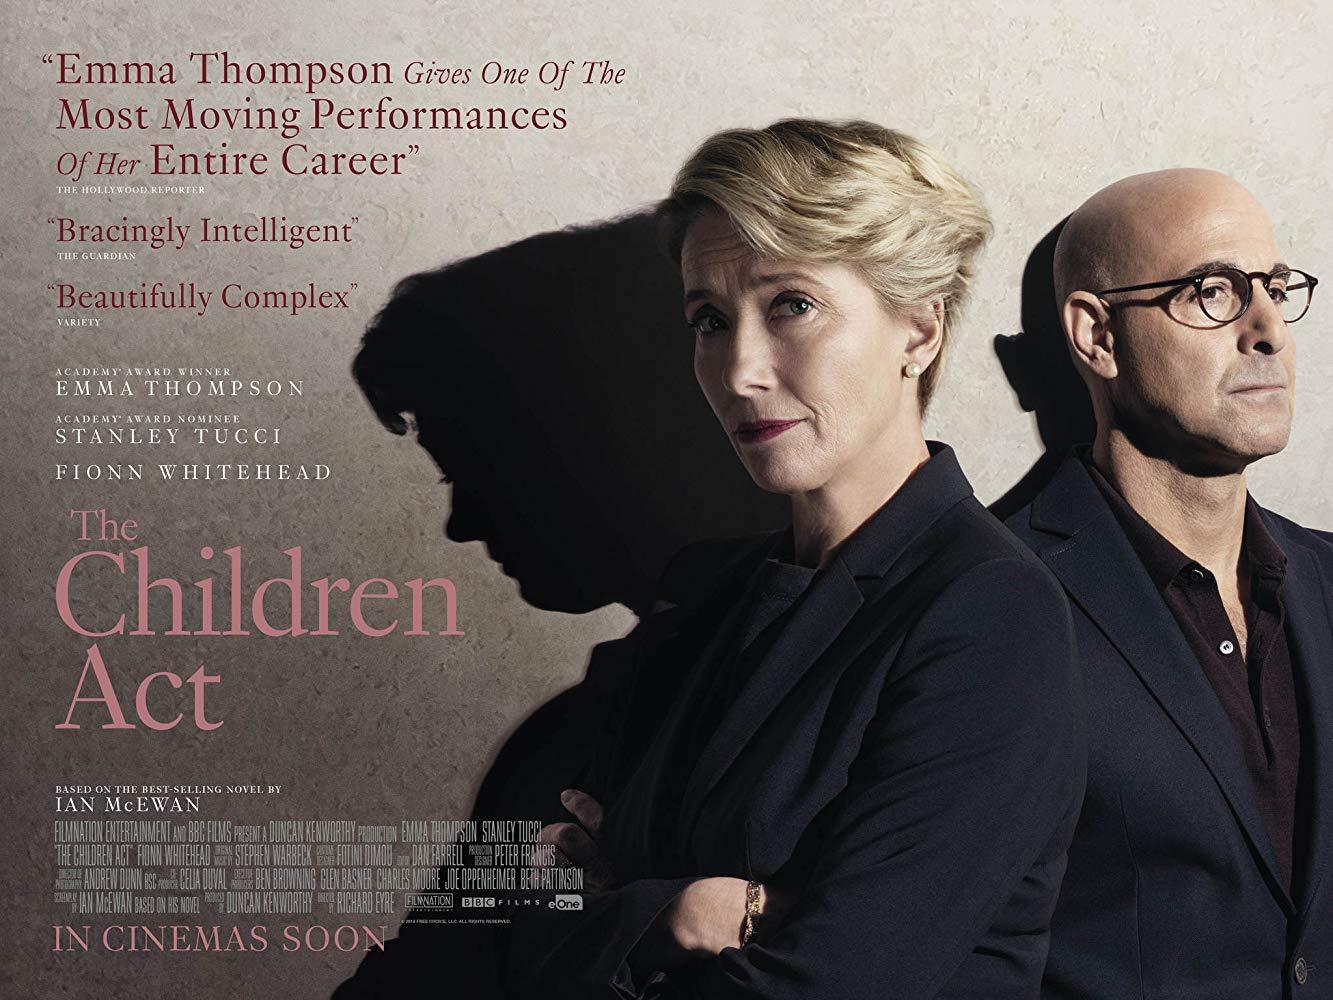 مشاهدة فيلم The Children Act 2018 HD مترجم كامل اون لاين